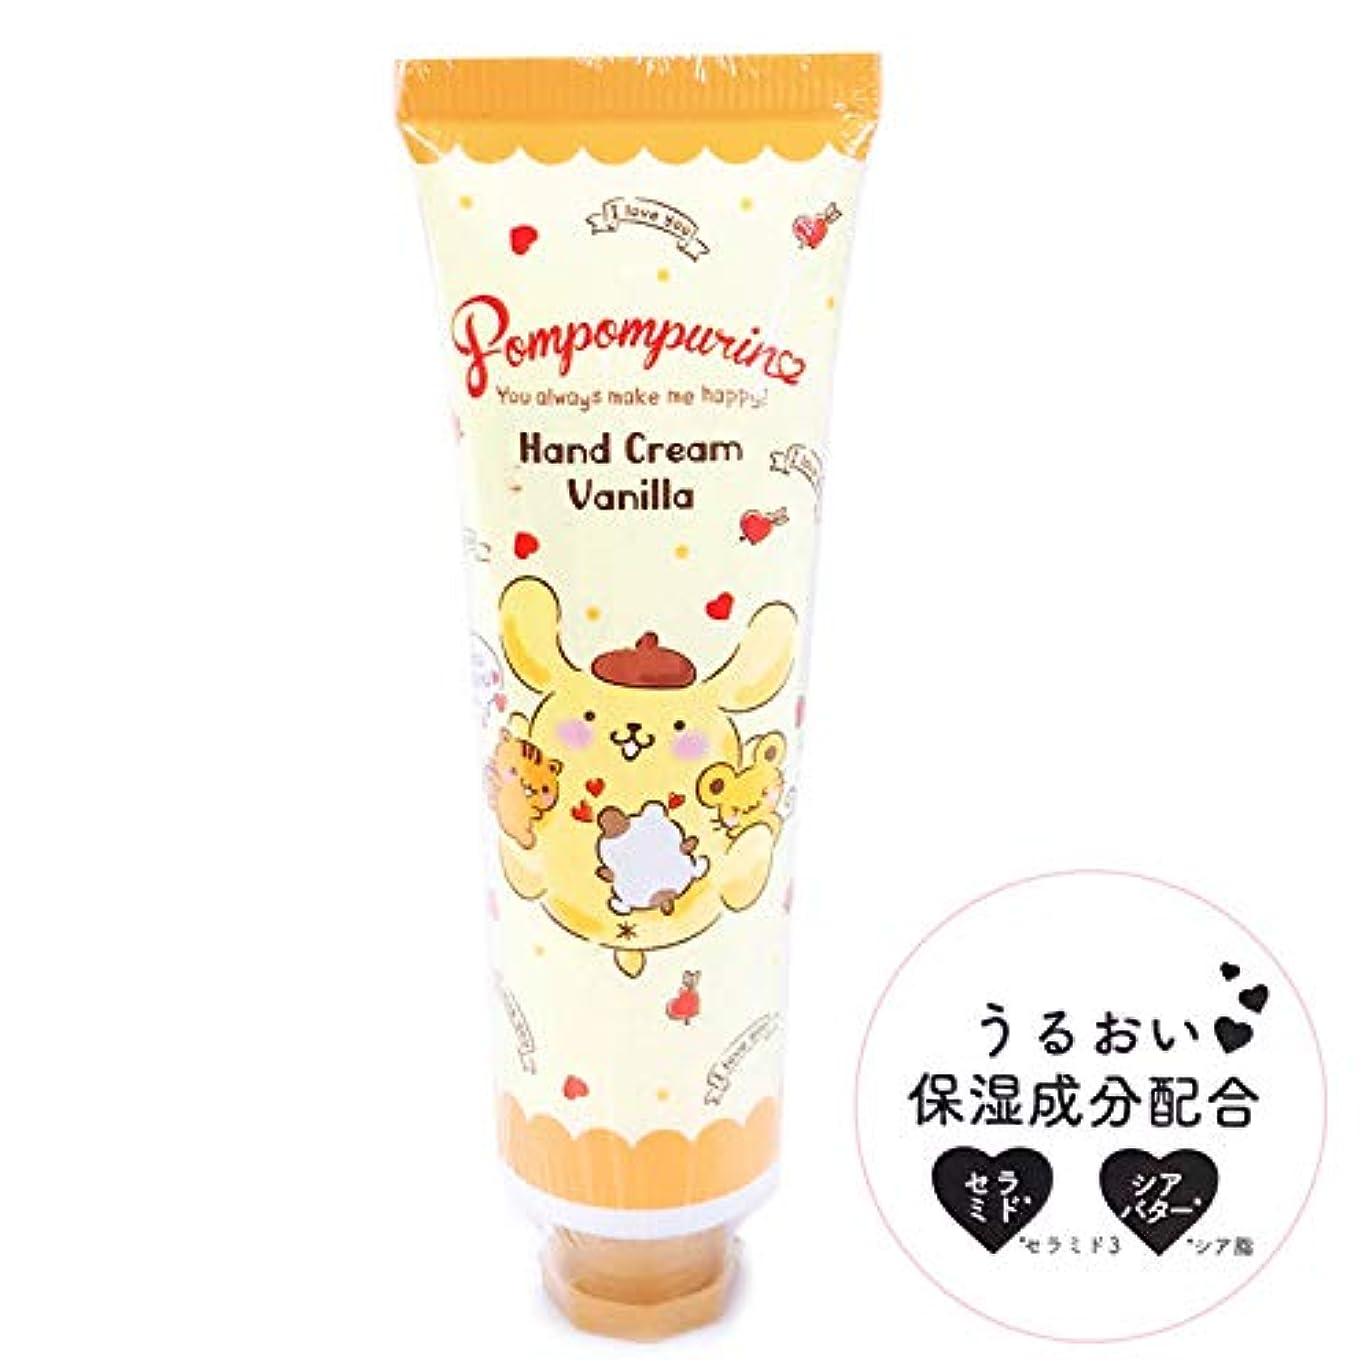 引っ張る砂漠応援するポムポムプリン ハンドクリーム バニラの香り [380316]